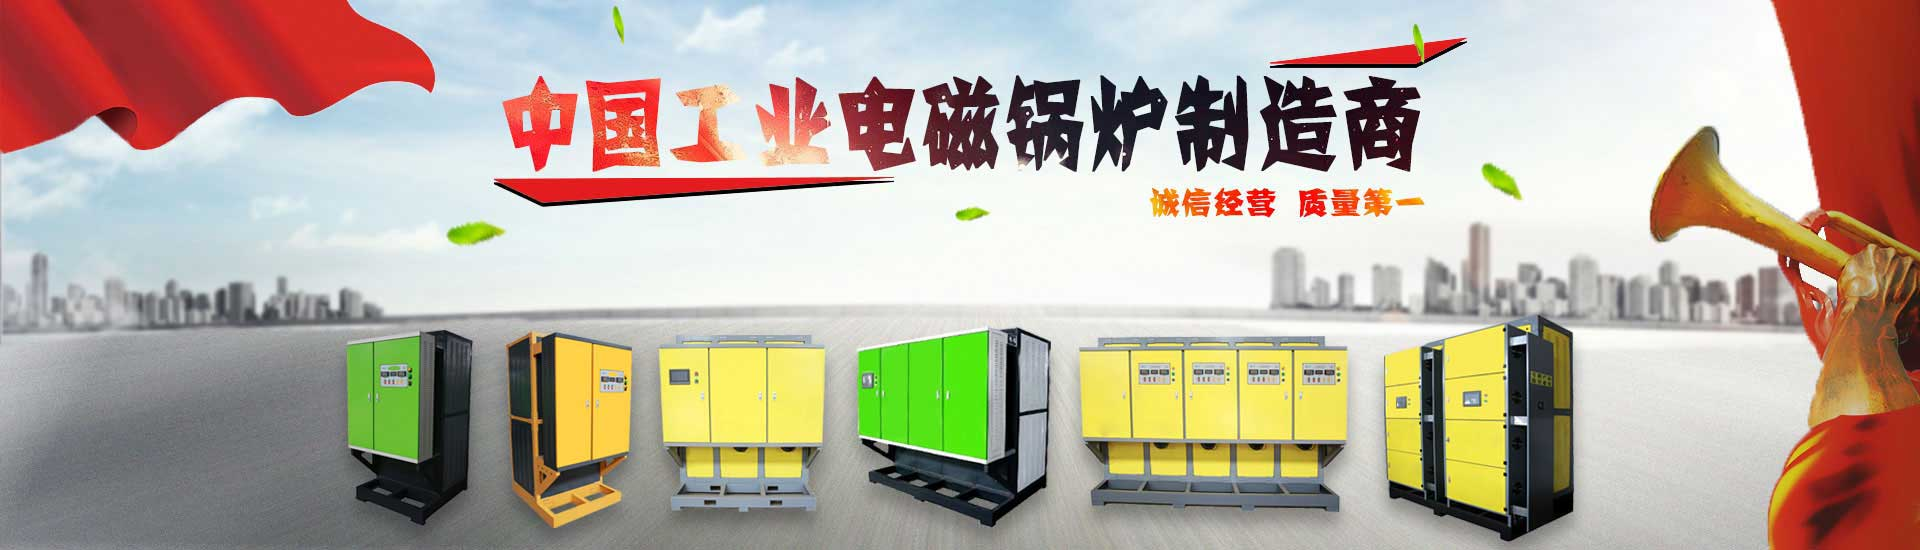 中国工业威尼斯人登lu锅lu制造商